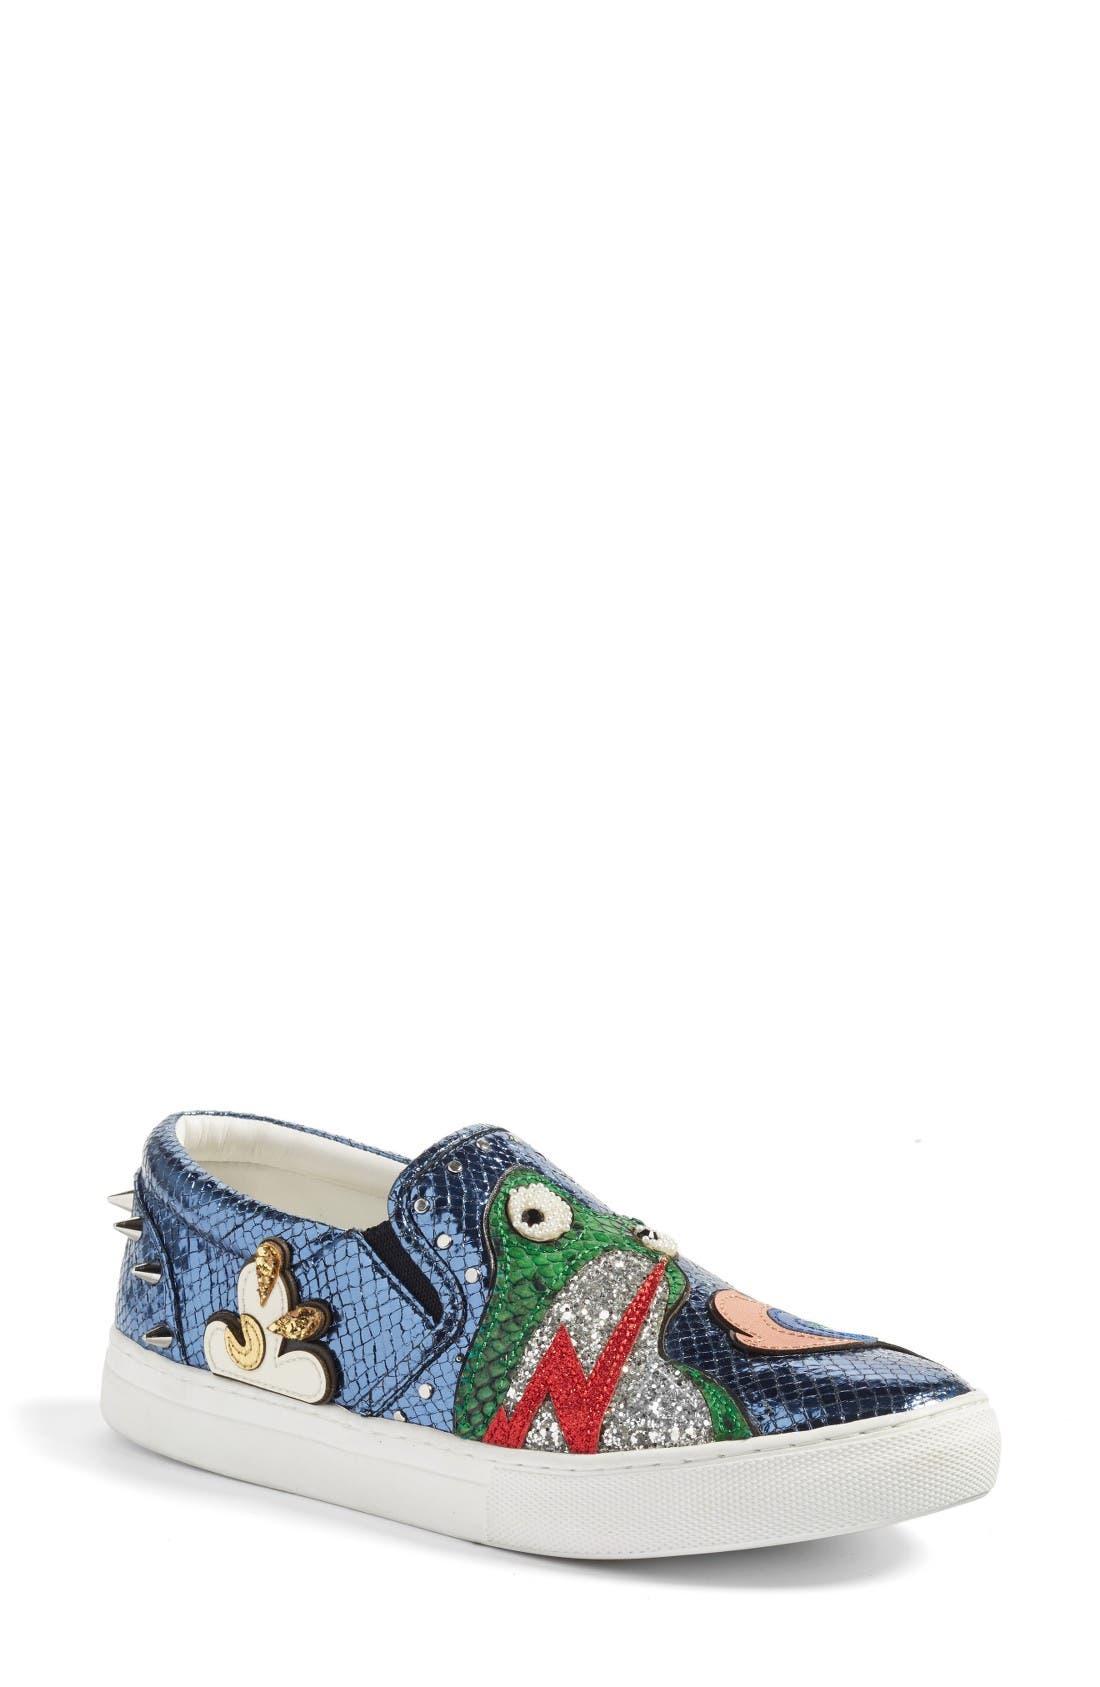 Main Image - Marc Jacobs Mercer Embellished Slip-On Sneaker (Women)